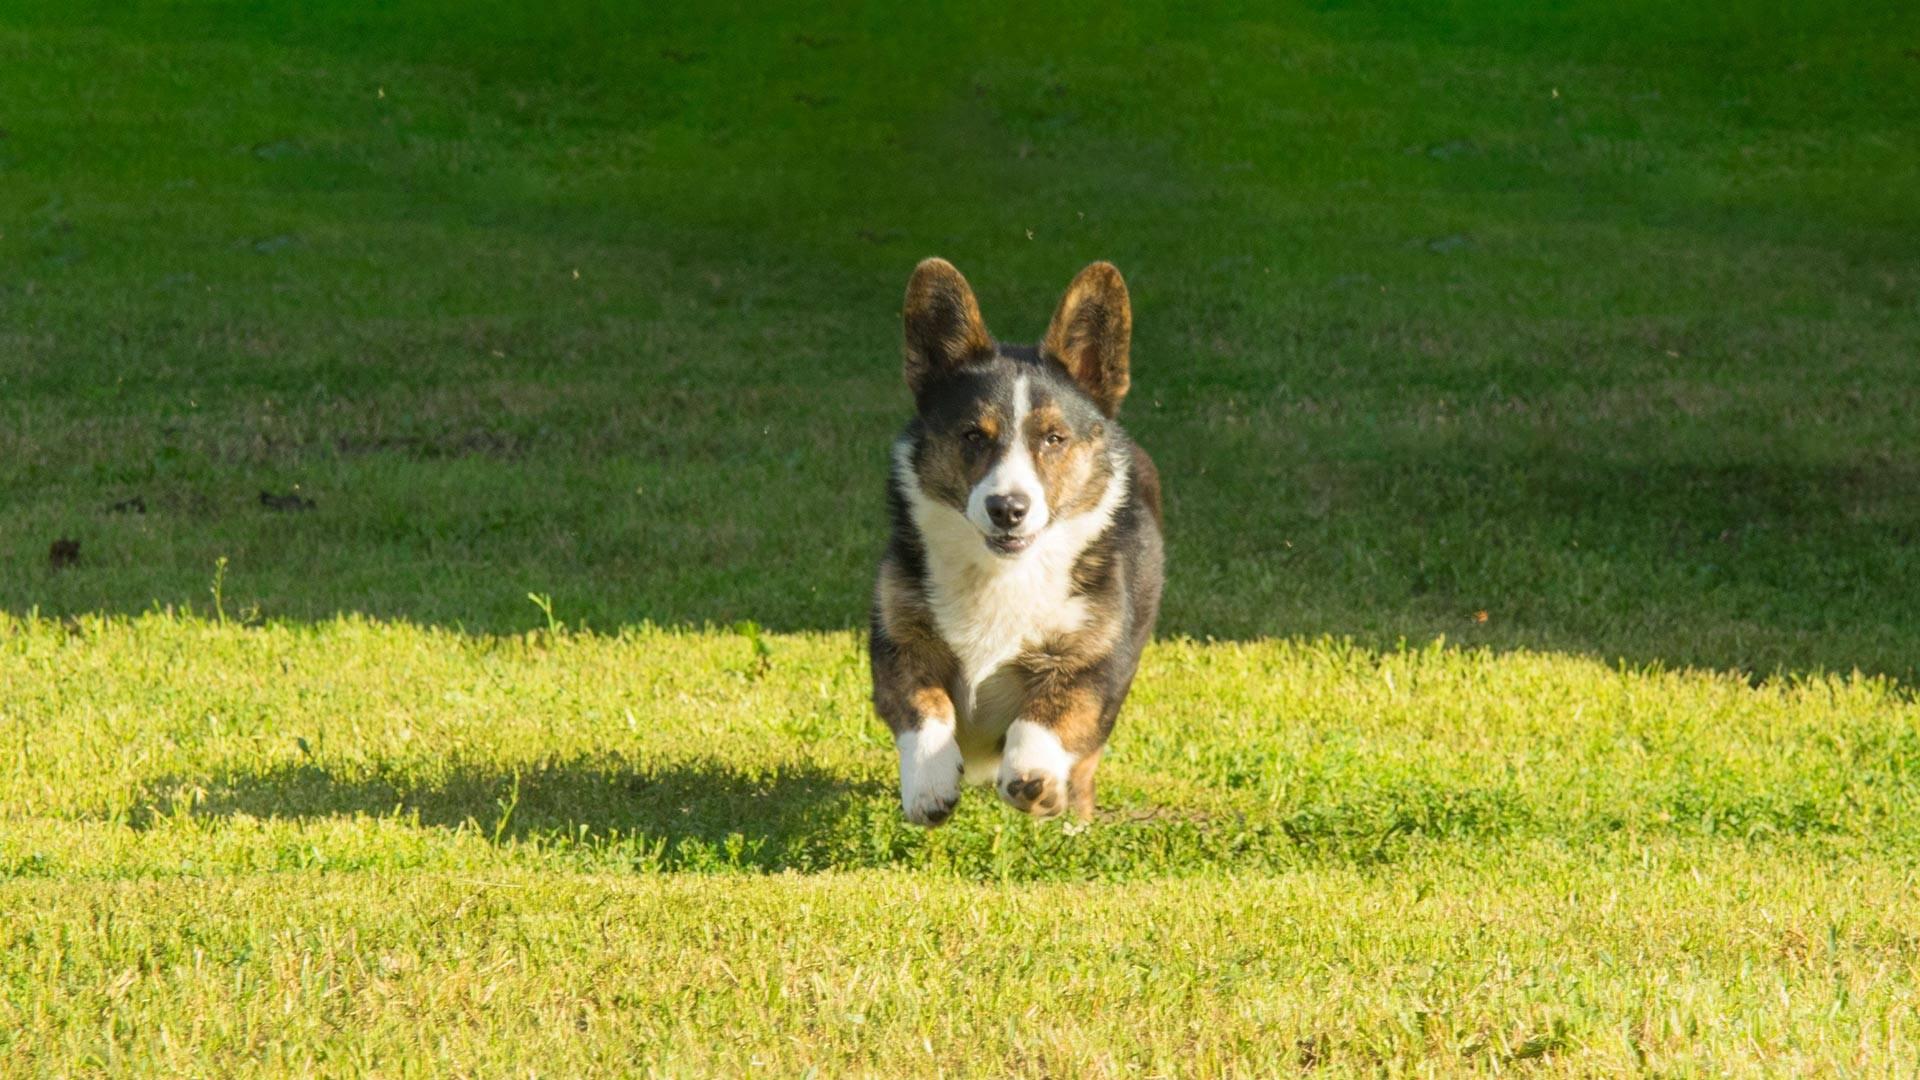 Корги: отзывы владельцев о породе собак, описание и фото питомцев, а также плюсы и минусы проживания в квартире